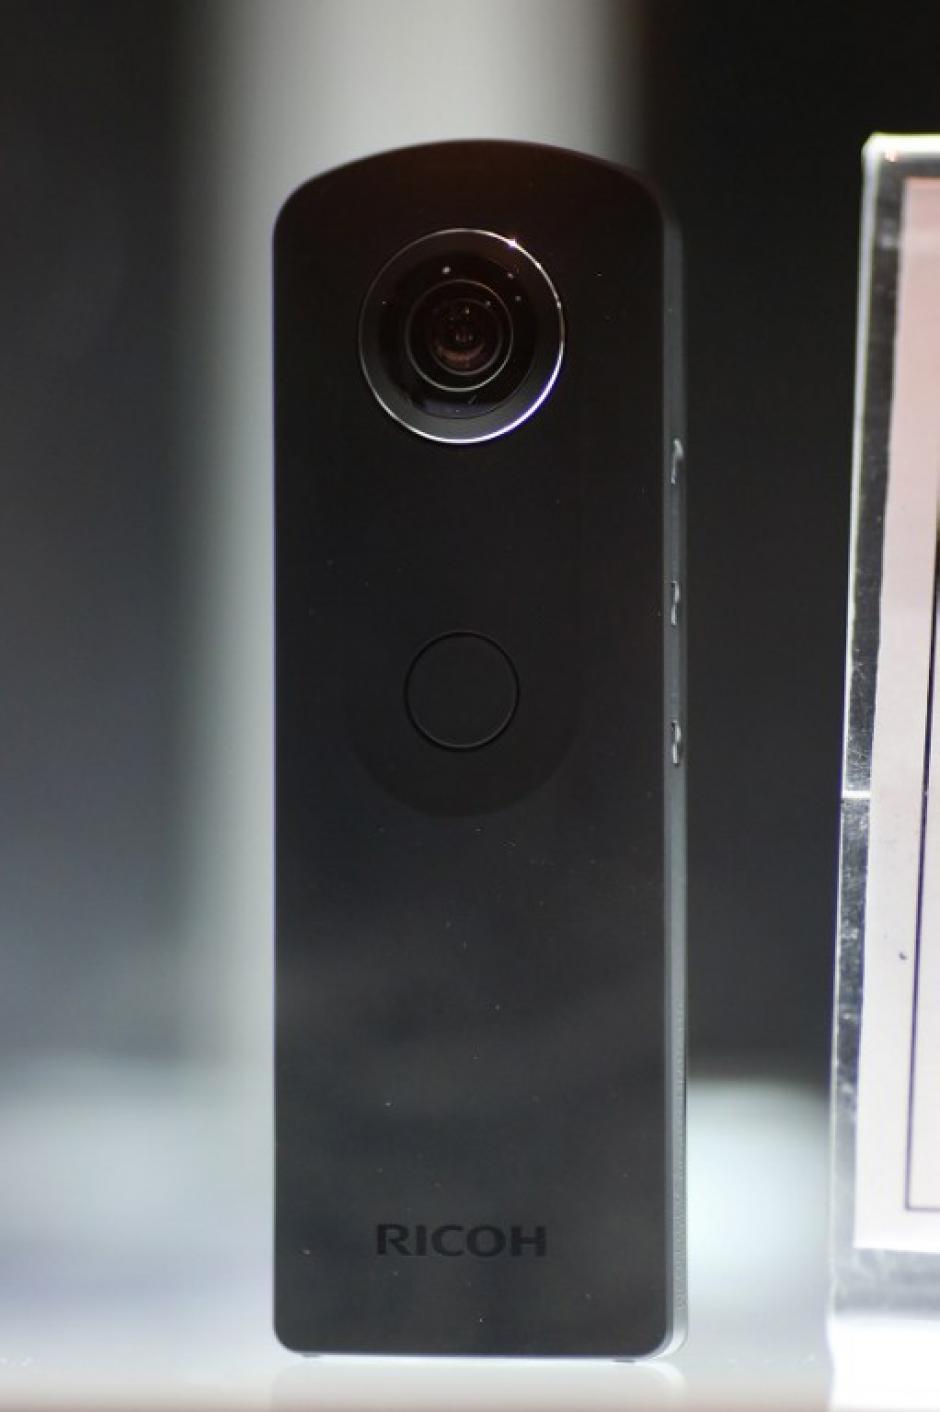 La Ricoh Theta S una cámara para capturar escenas de 360 grados, de se muestra en un escaparate en el CES como ganadora del premio de innovación. (Foto: AFP)